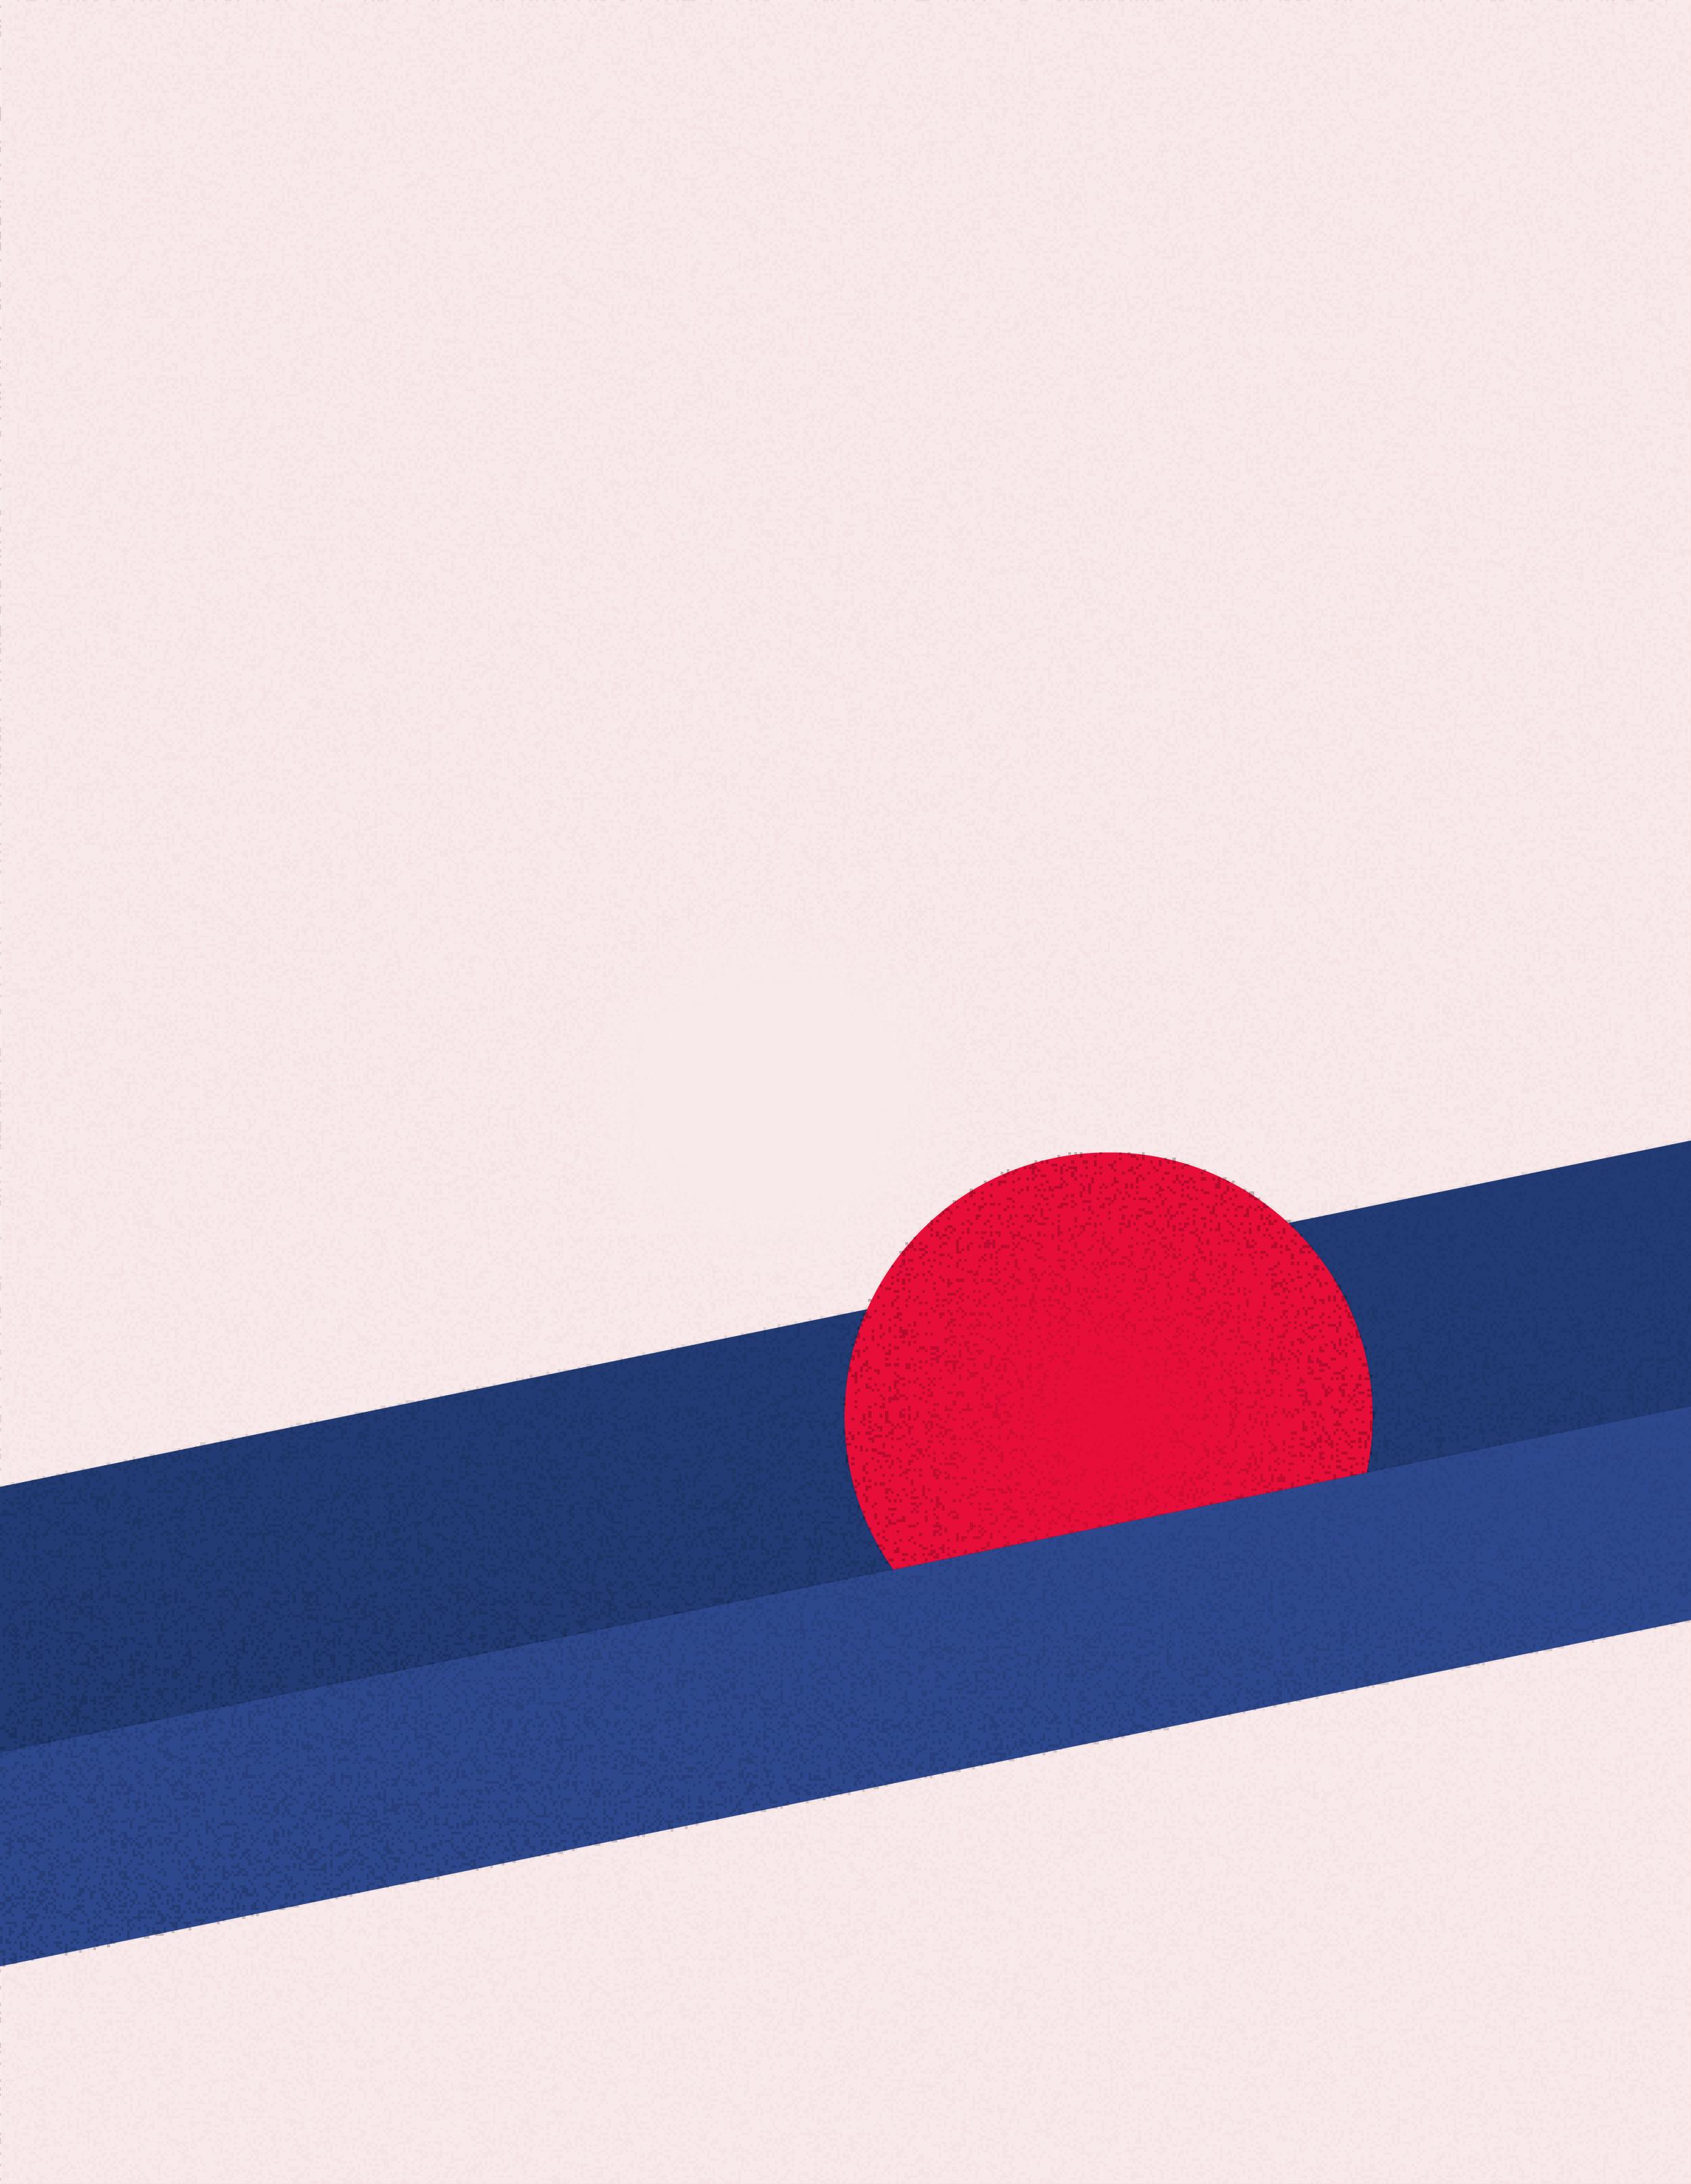 Illustration einer blauen schiefen Ebene, auf der ein roter Ball von rechts nach links rollt.